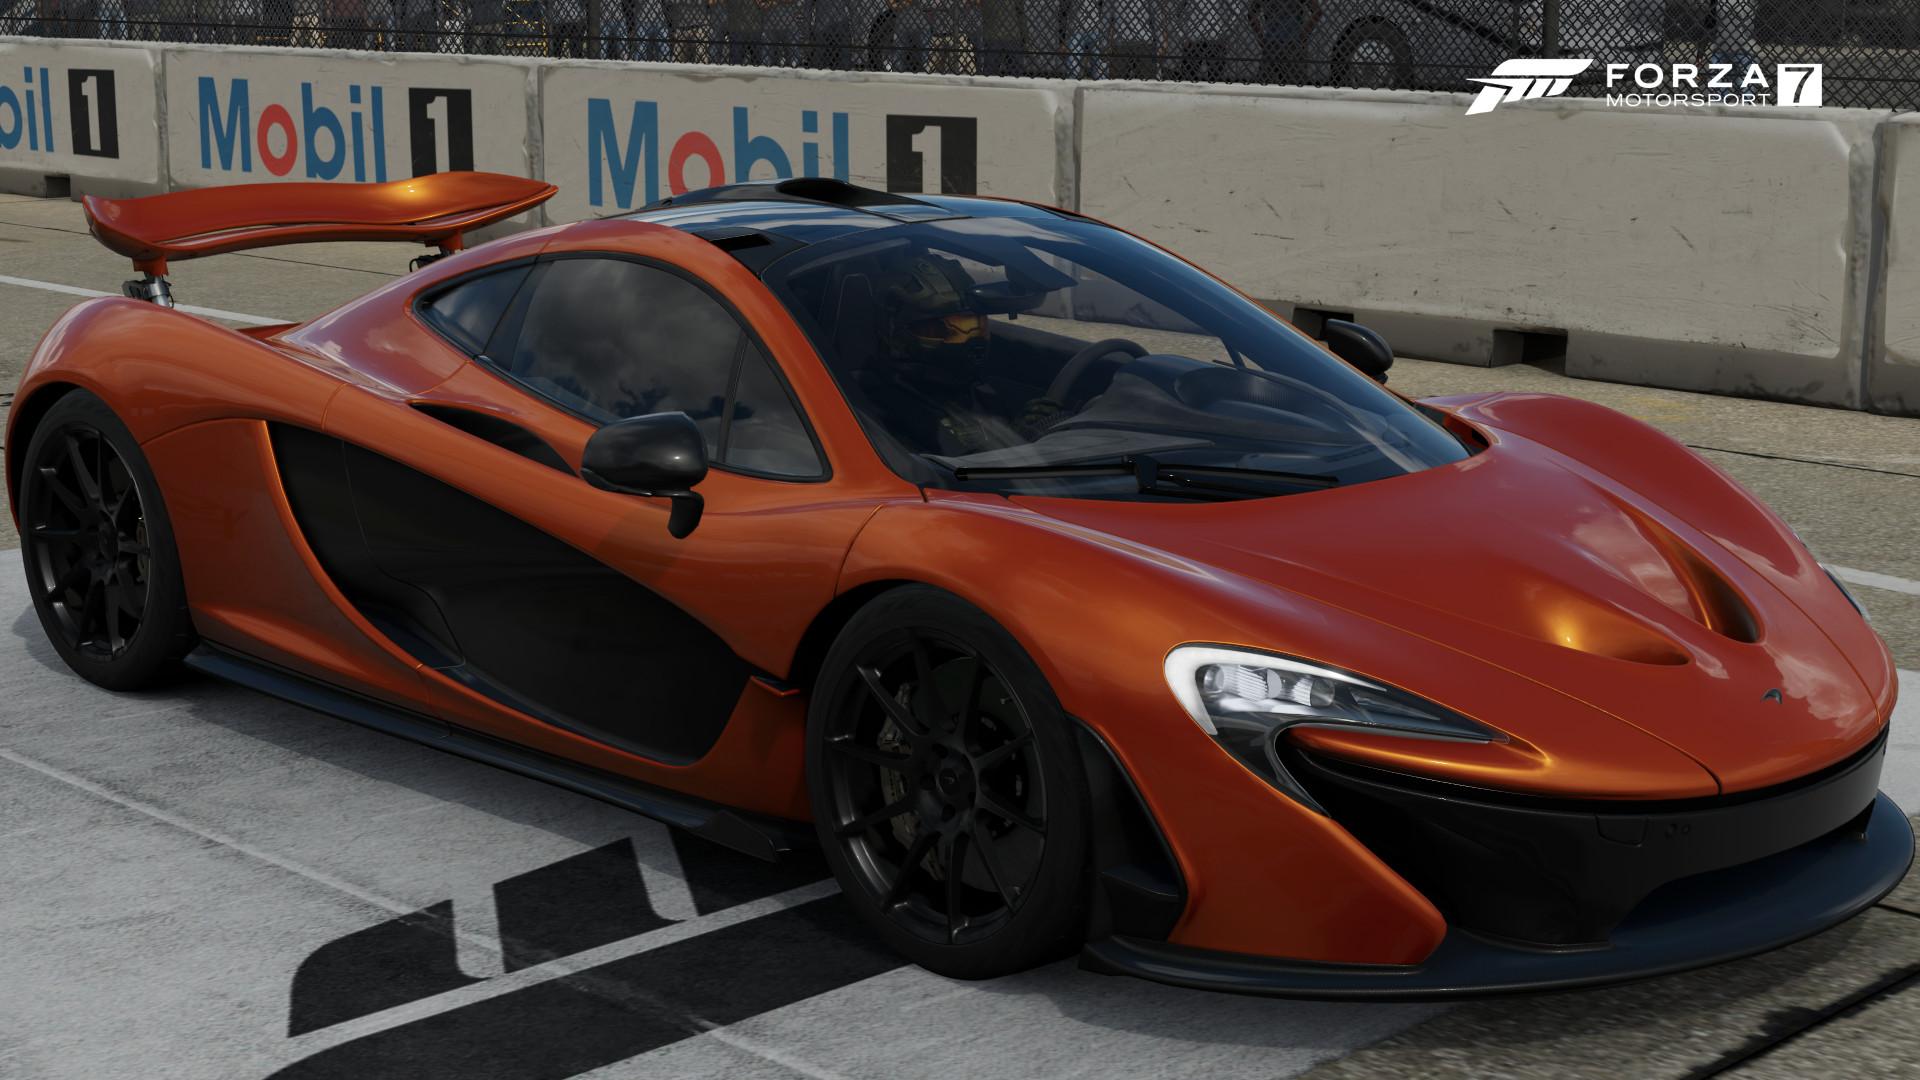 The 2013 McLaren P1 In Forza Motorsport 7